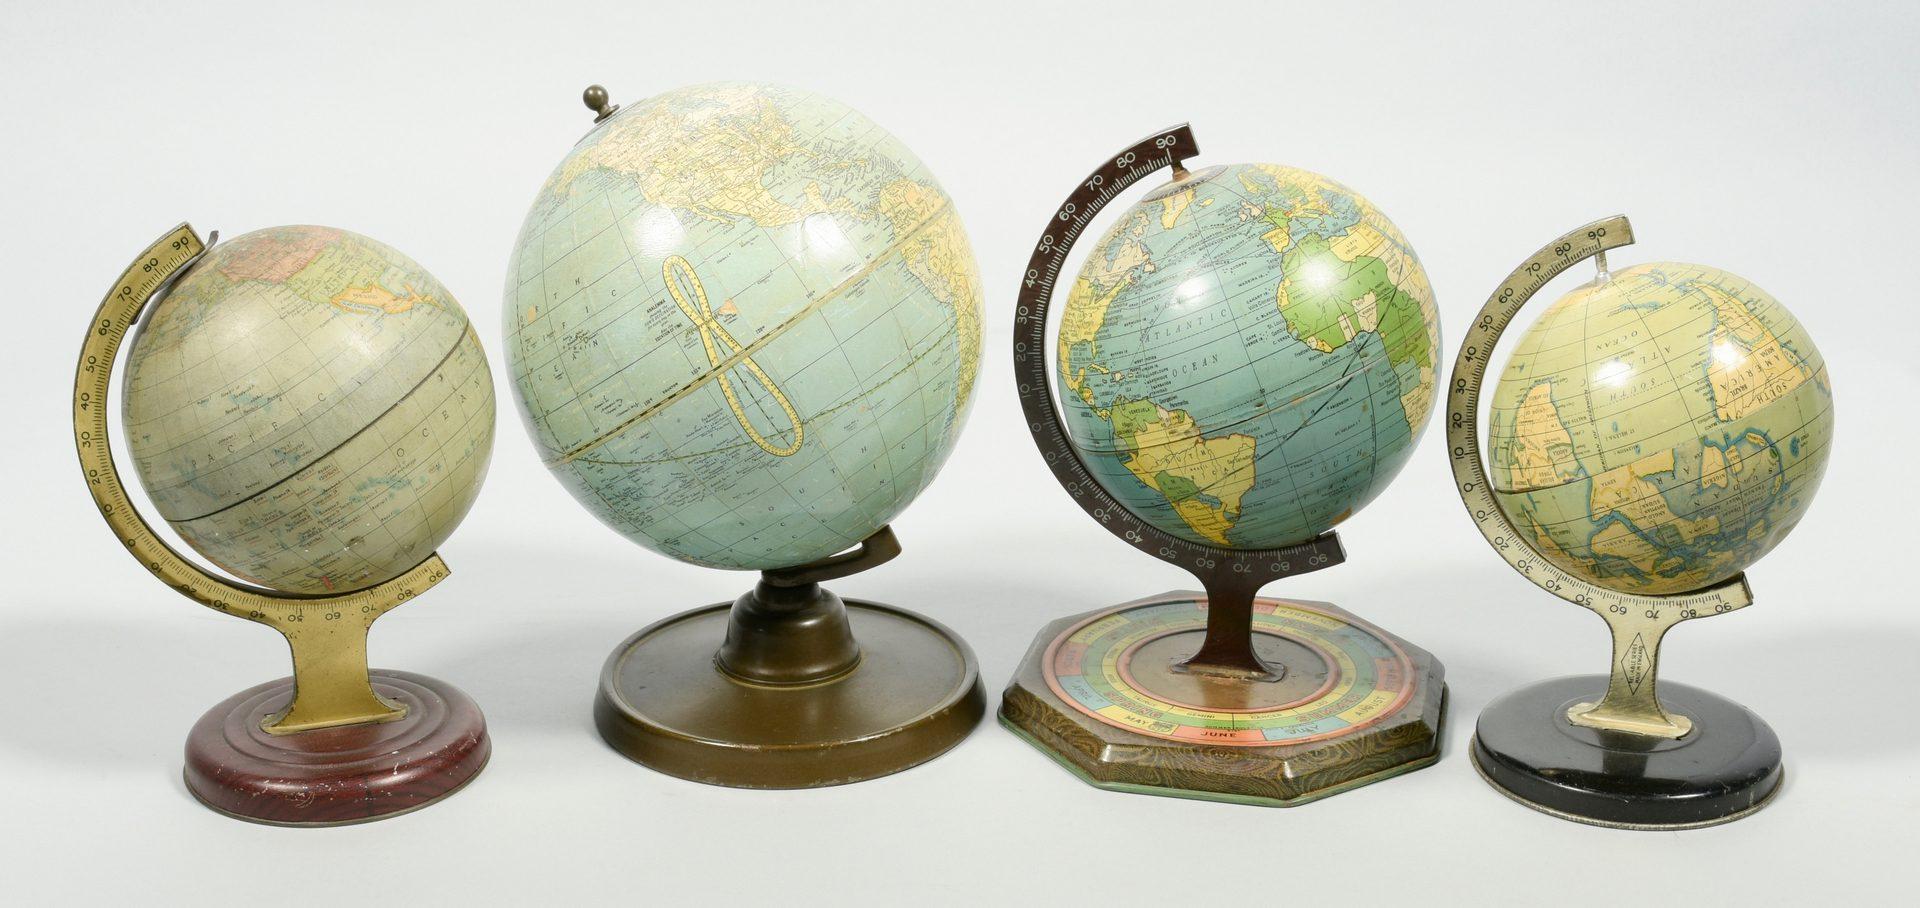 Lot 894: 4 Vintage Globes